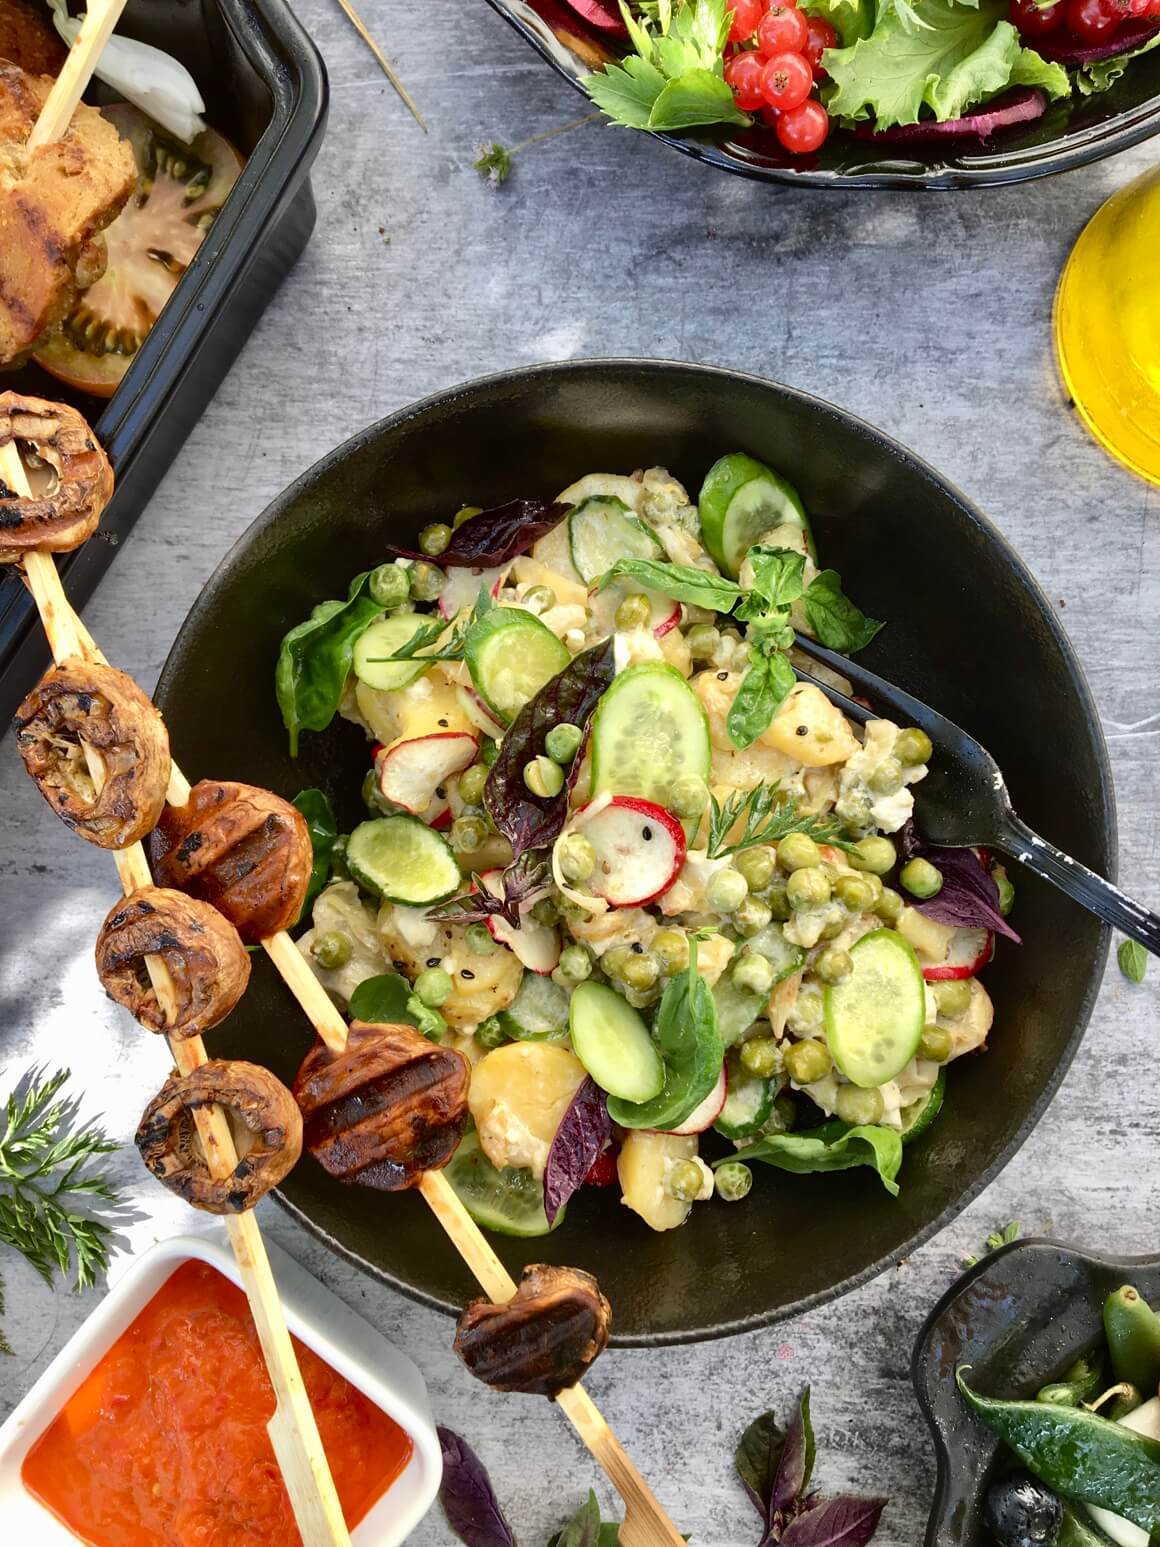 Salata od krumpira, graška i komorača